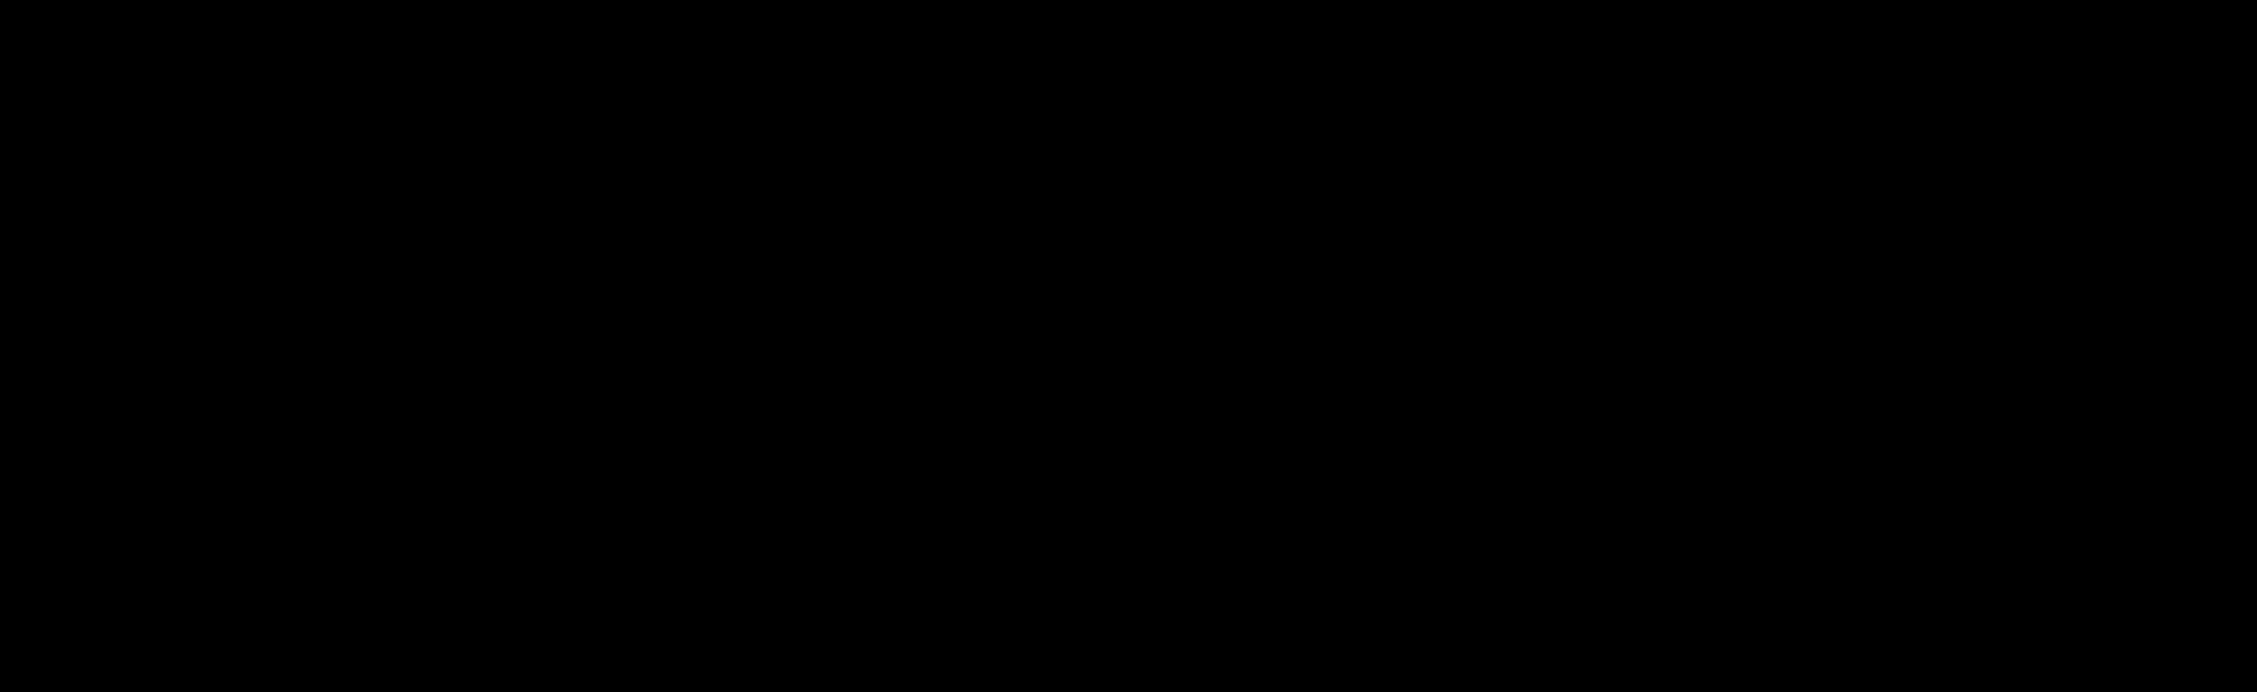 GO-Y026